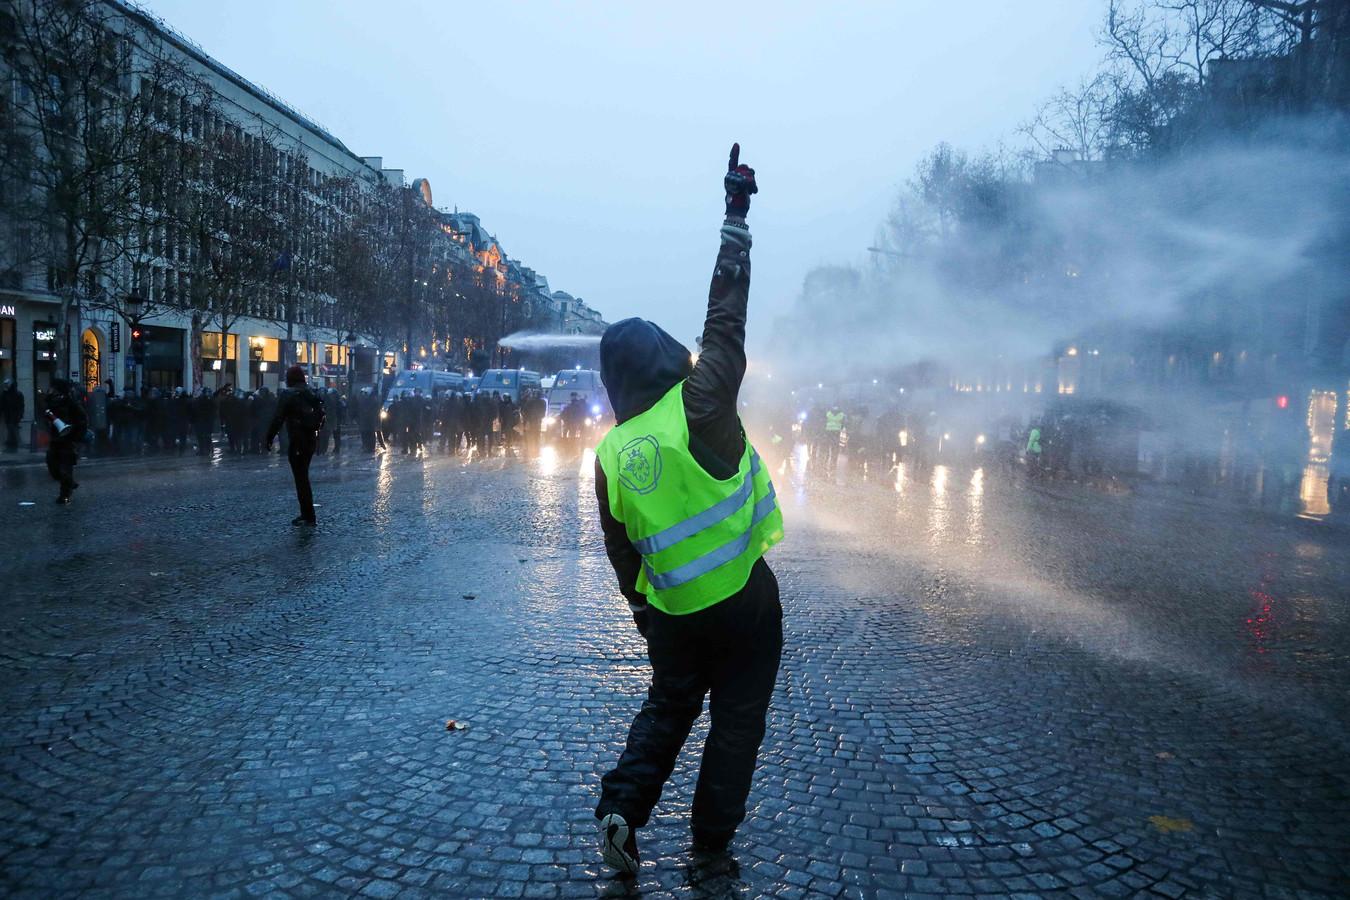 De Italiaanse begroting, de brexit en protesten van de 'gele hesjes' in Frankrijk beschouwt het planbureau als risico's voor de economie.